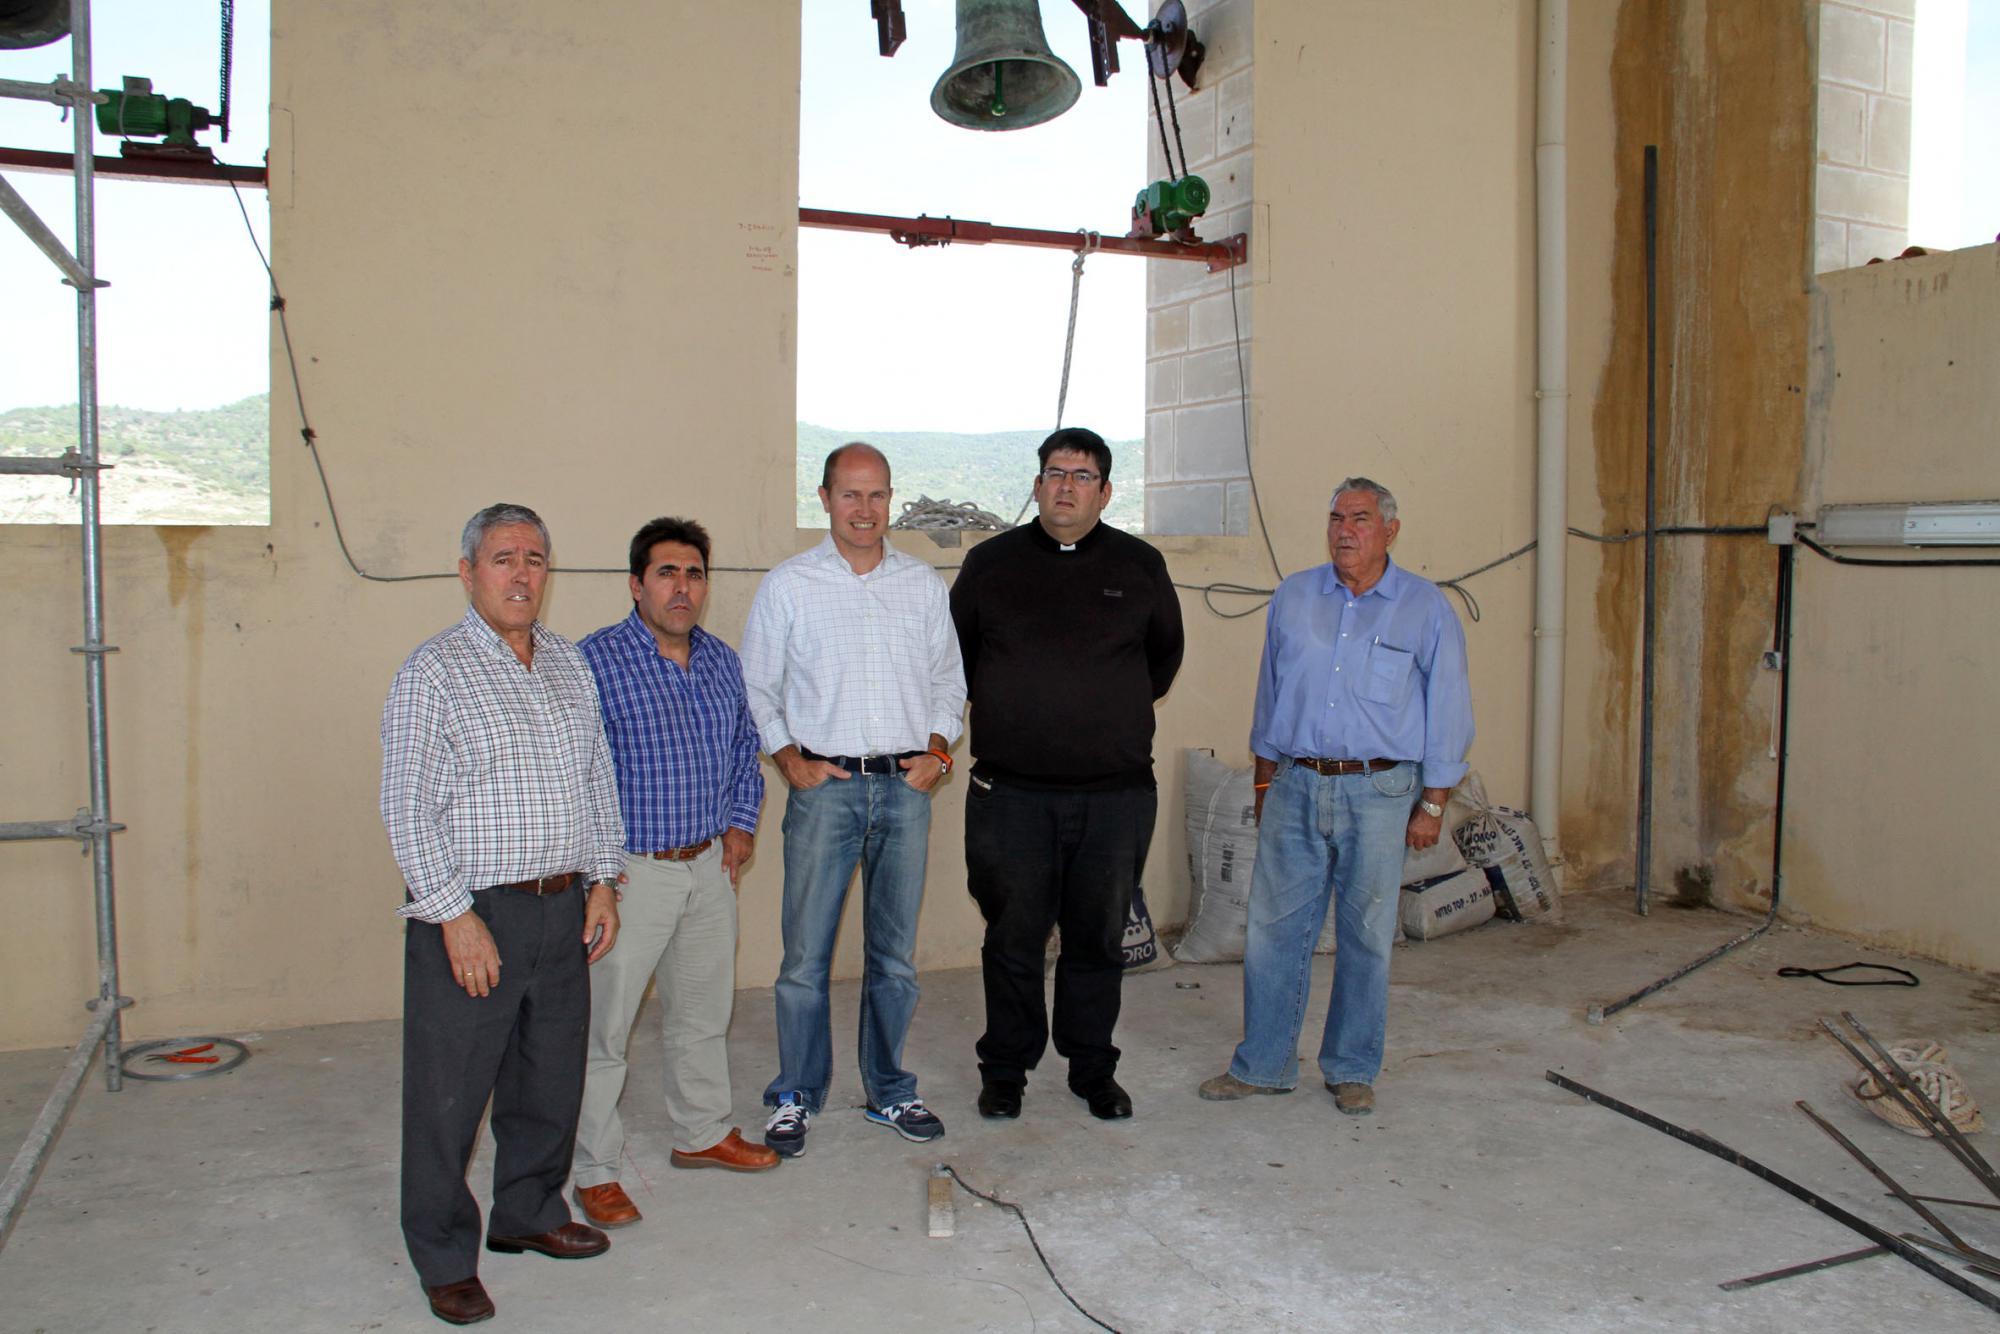 Pareja culmina la restauración de la Iglesia de la Asunción